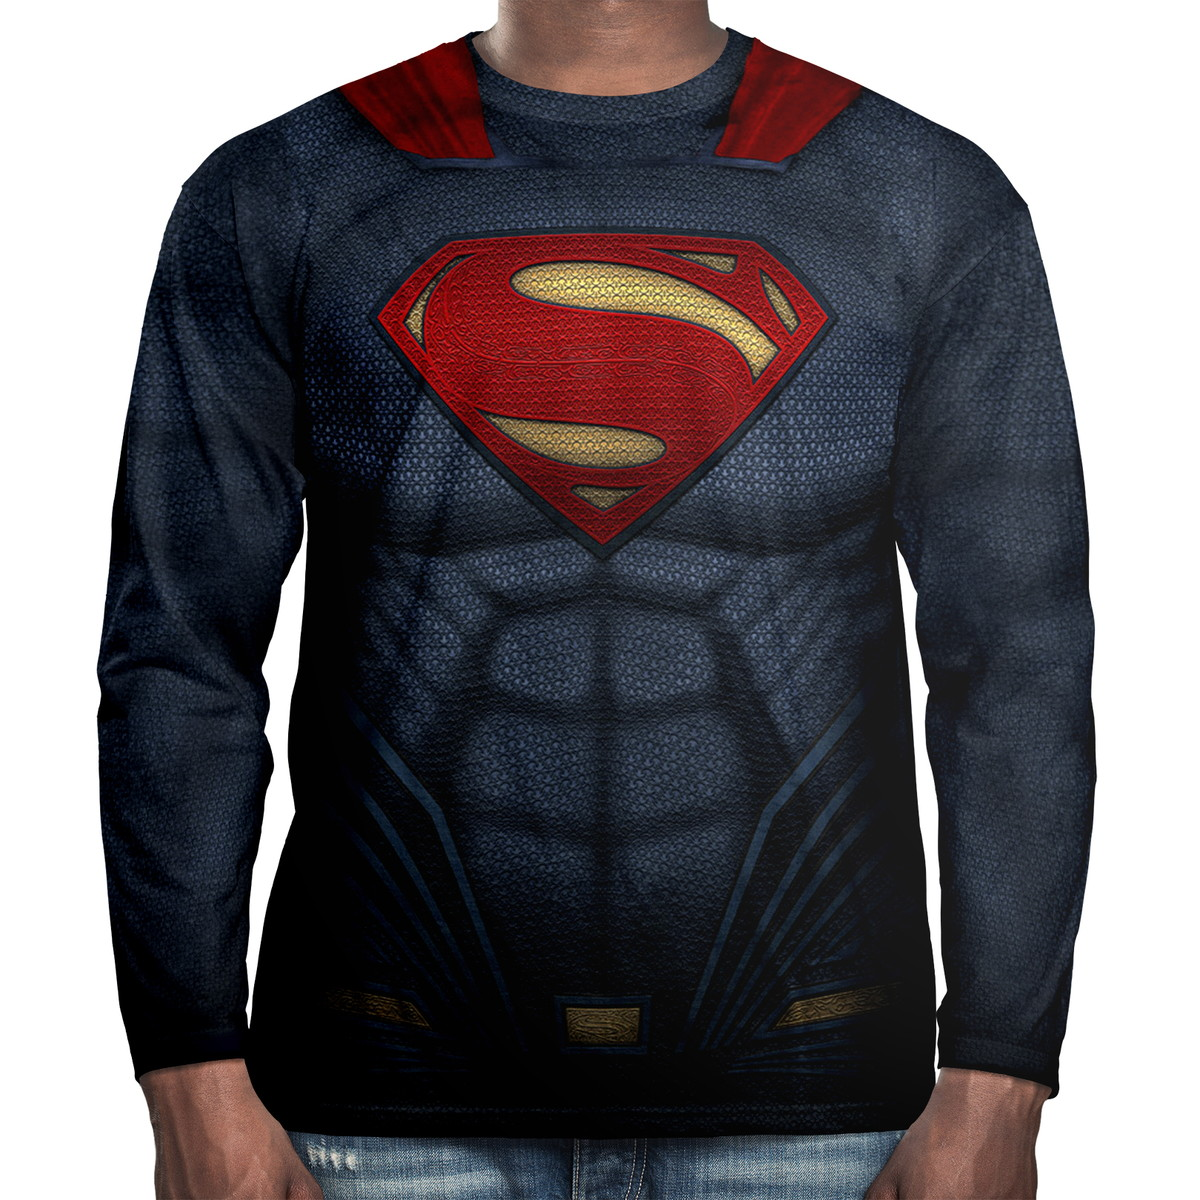 547b75a0d1 Camiseta Manga Longa Superman no Elo7